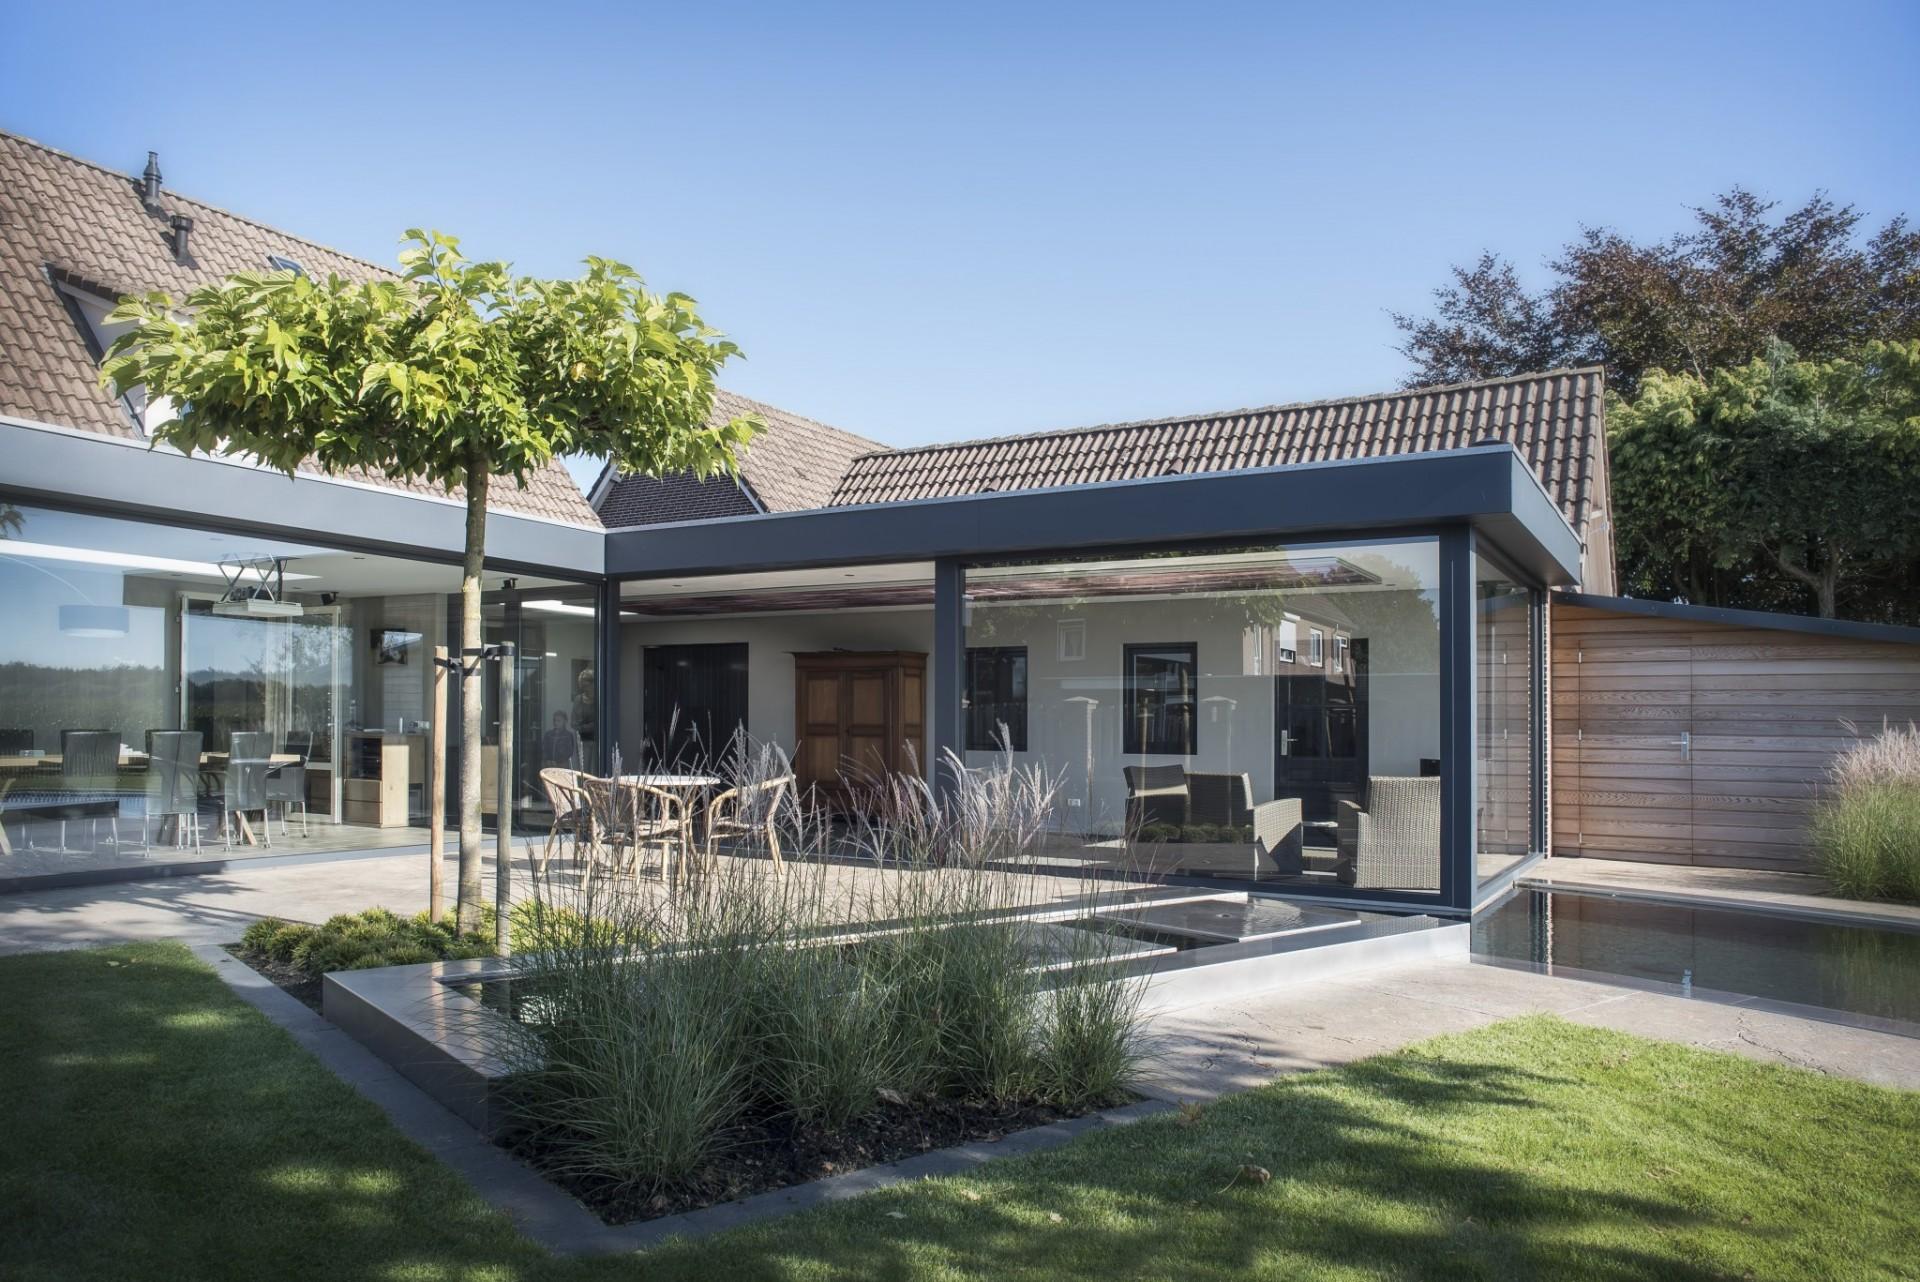 Fam vd velden landhorst grote renovatie huis met verlenging naar de tuin edwin melis tuintechniek - Huis in de tuin ...